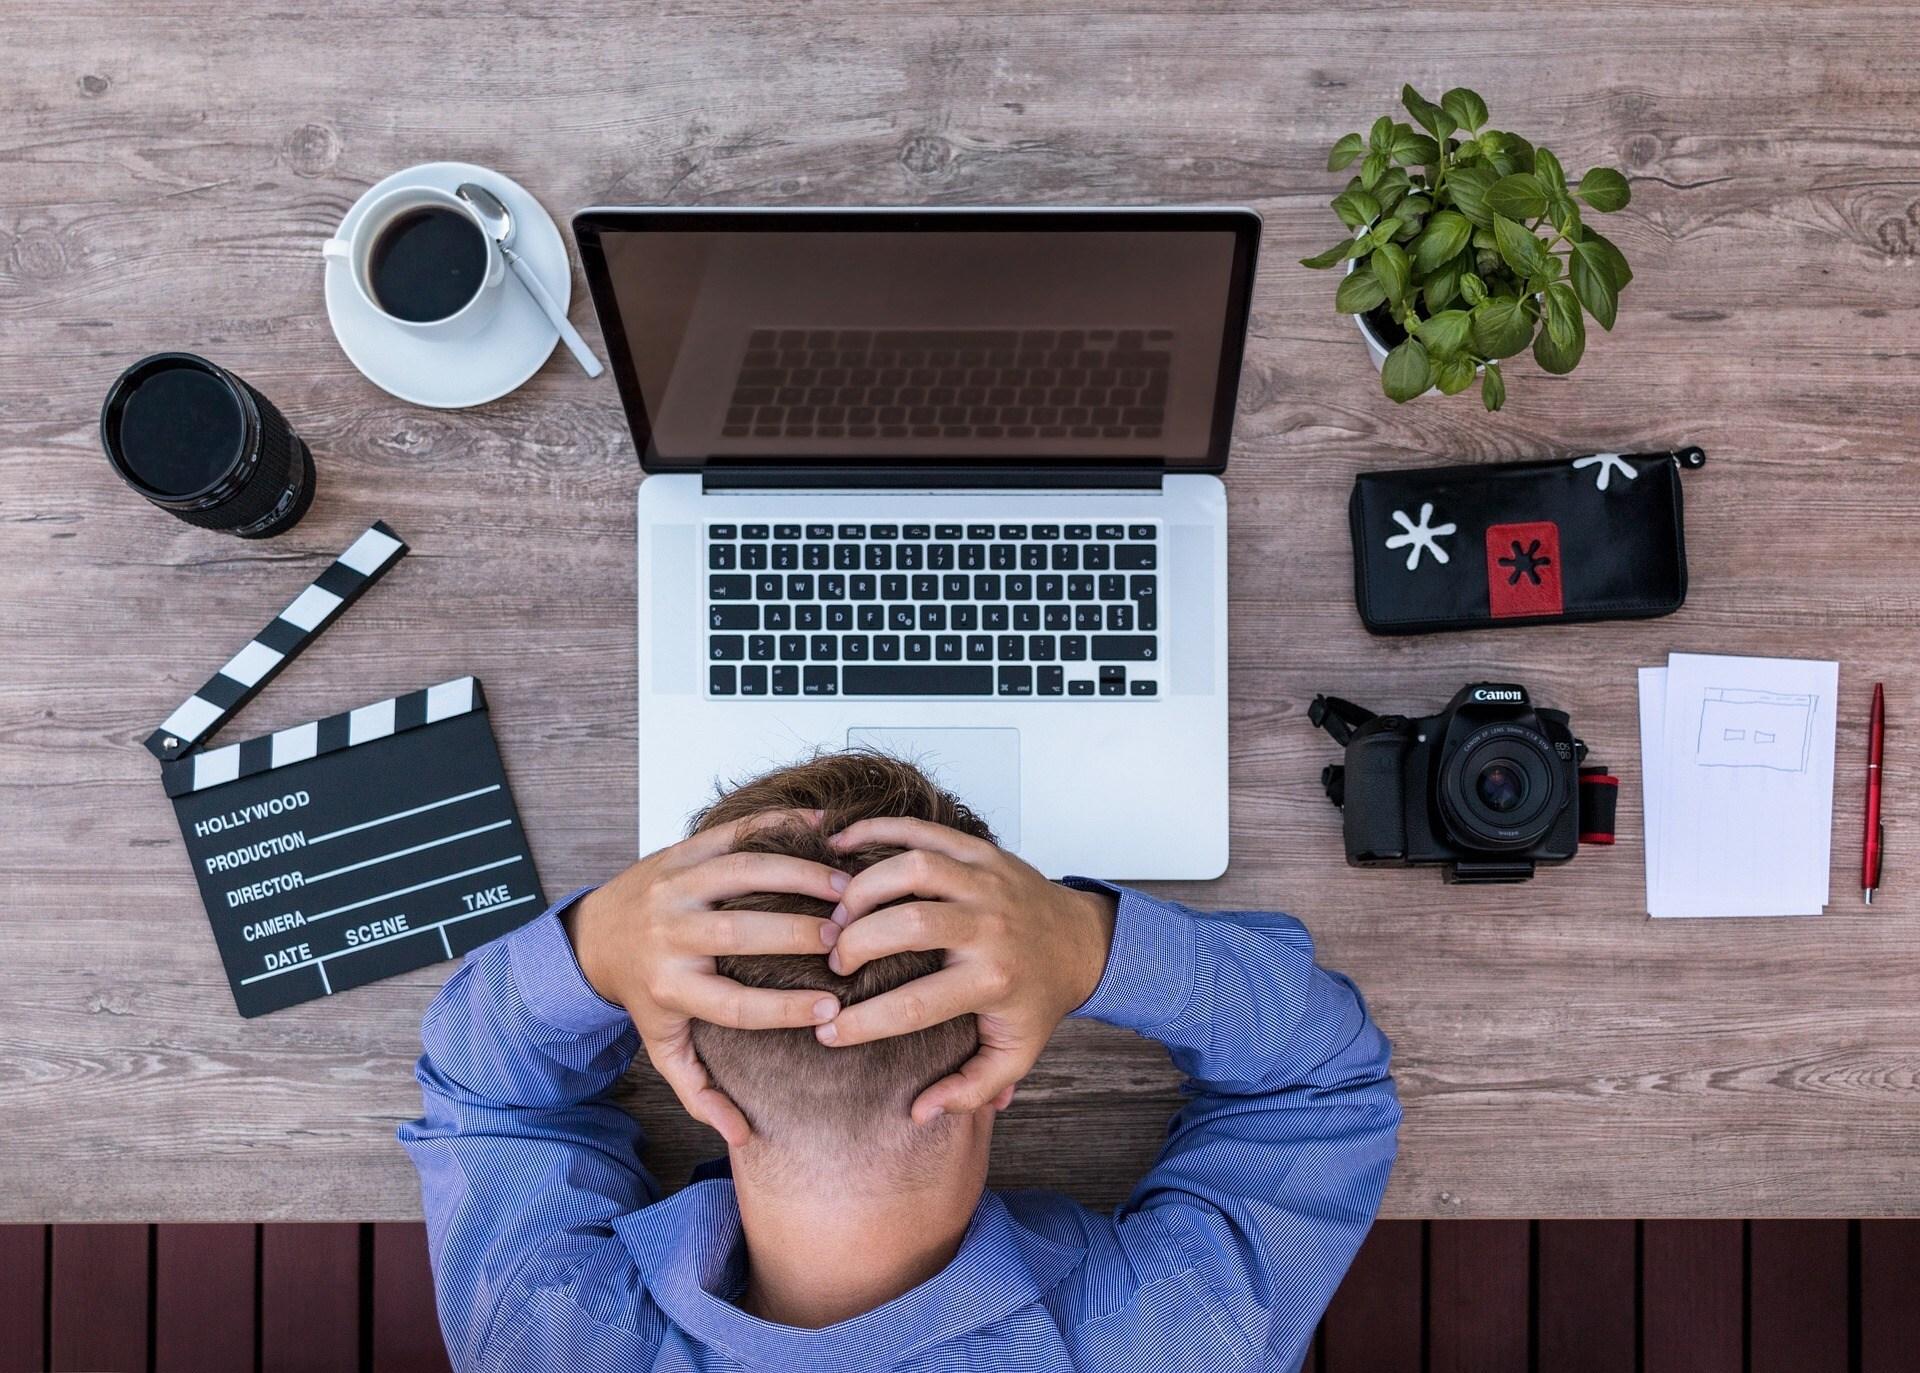 preguiça no trabalho: mudar alguns hábitos traz de volta entusiasmo